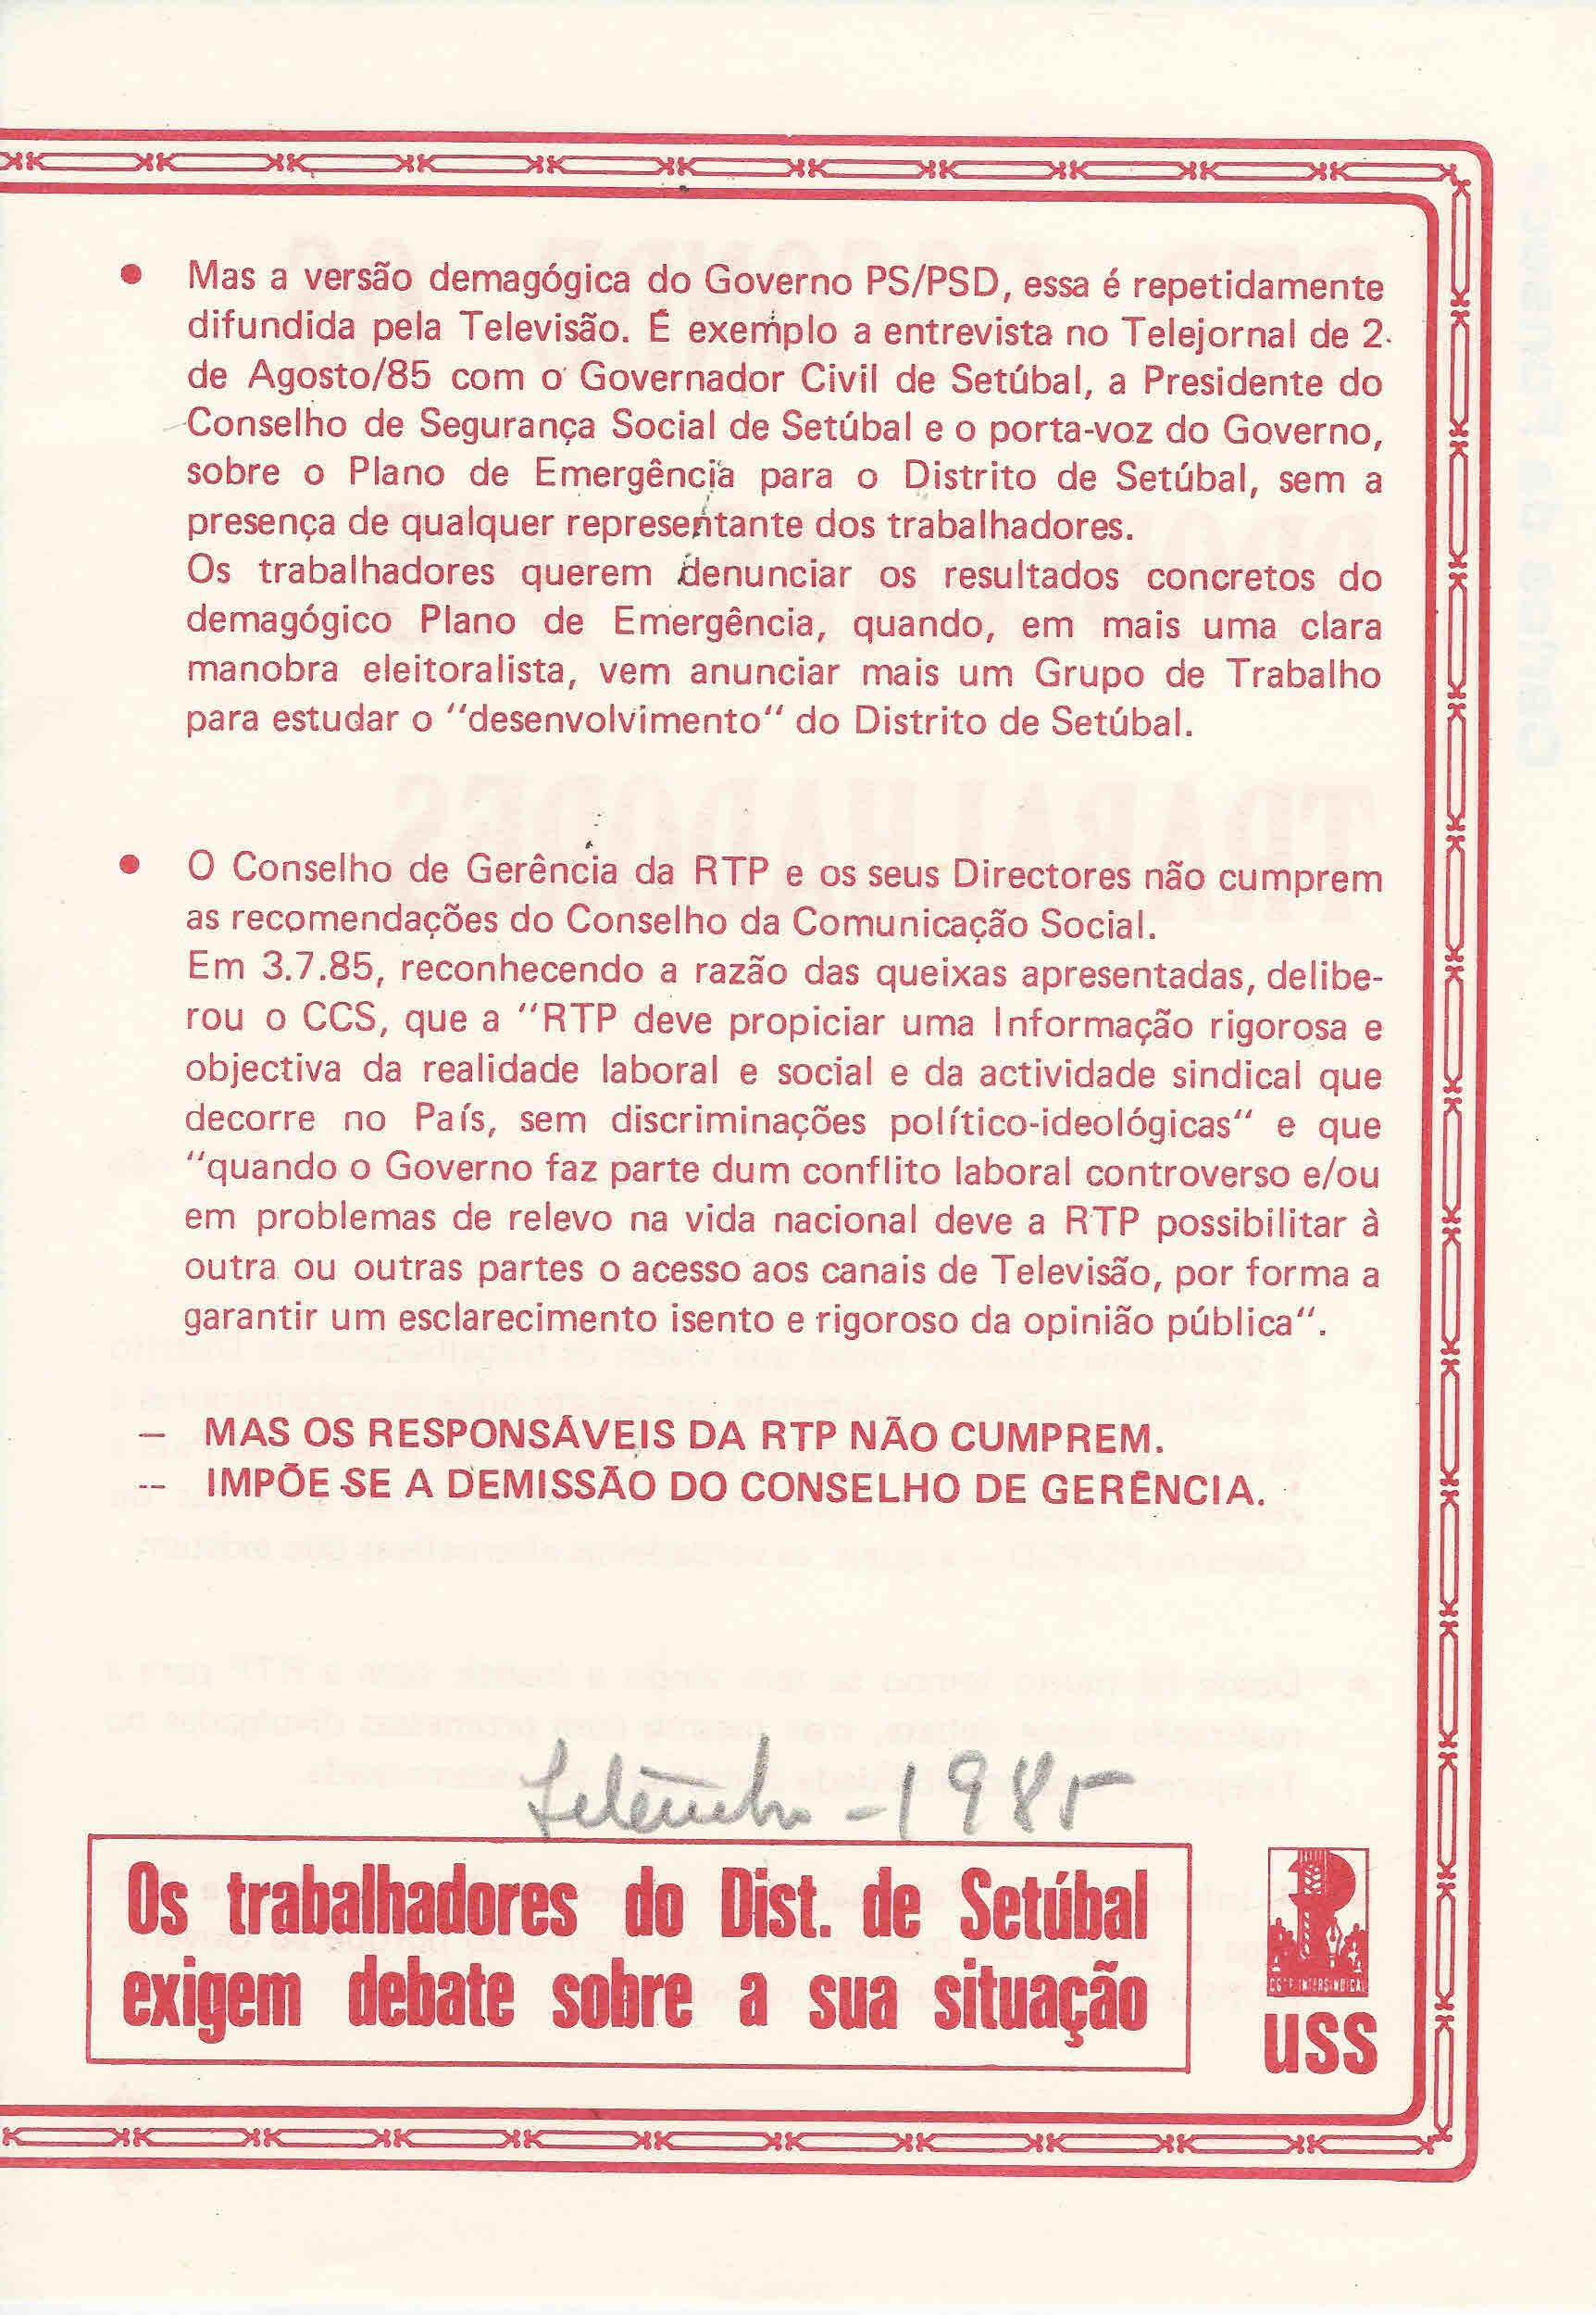 Scanner_20200401 (4)